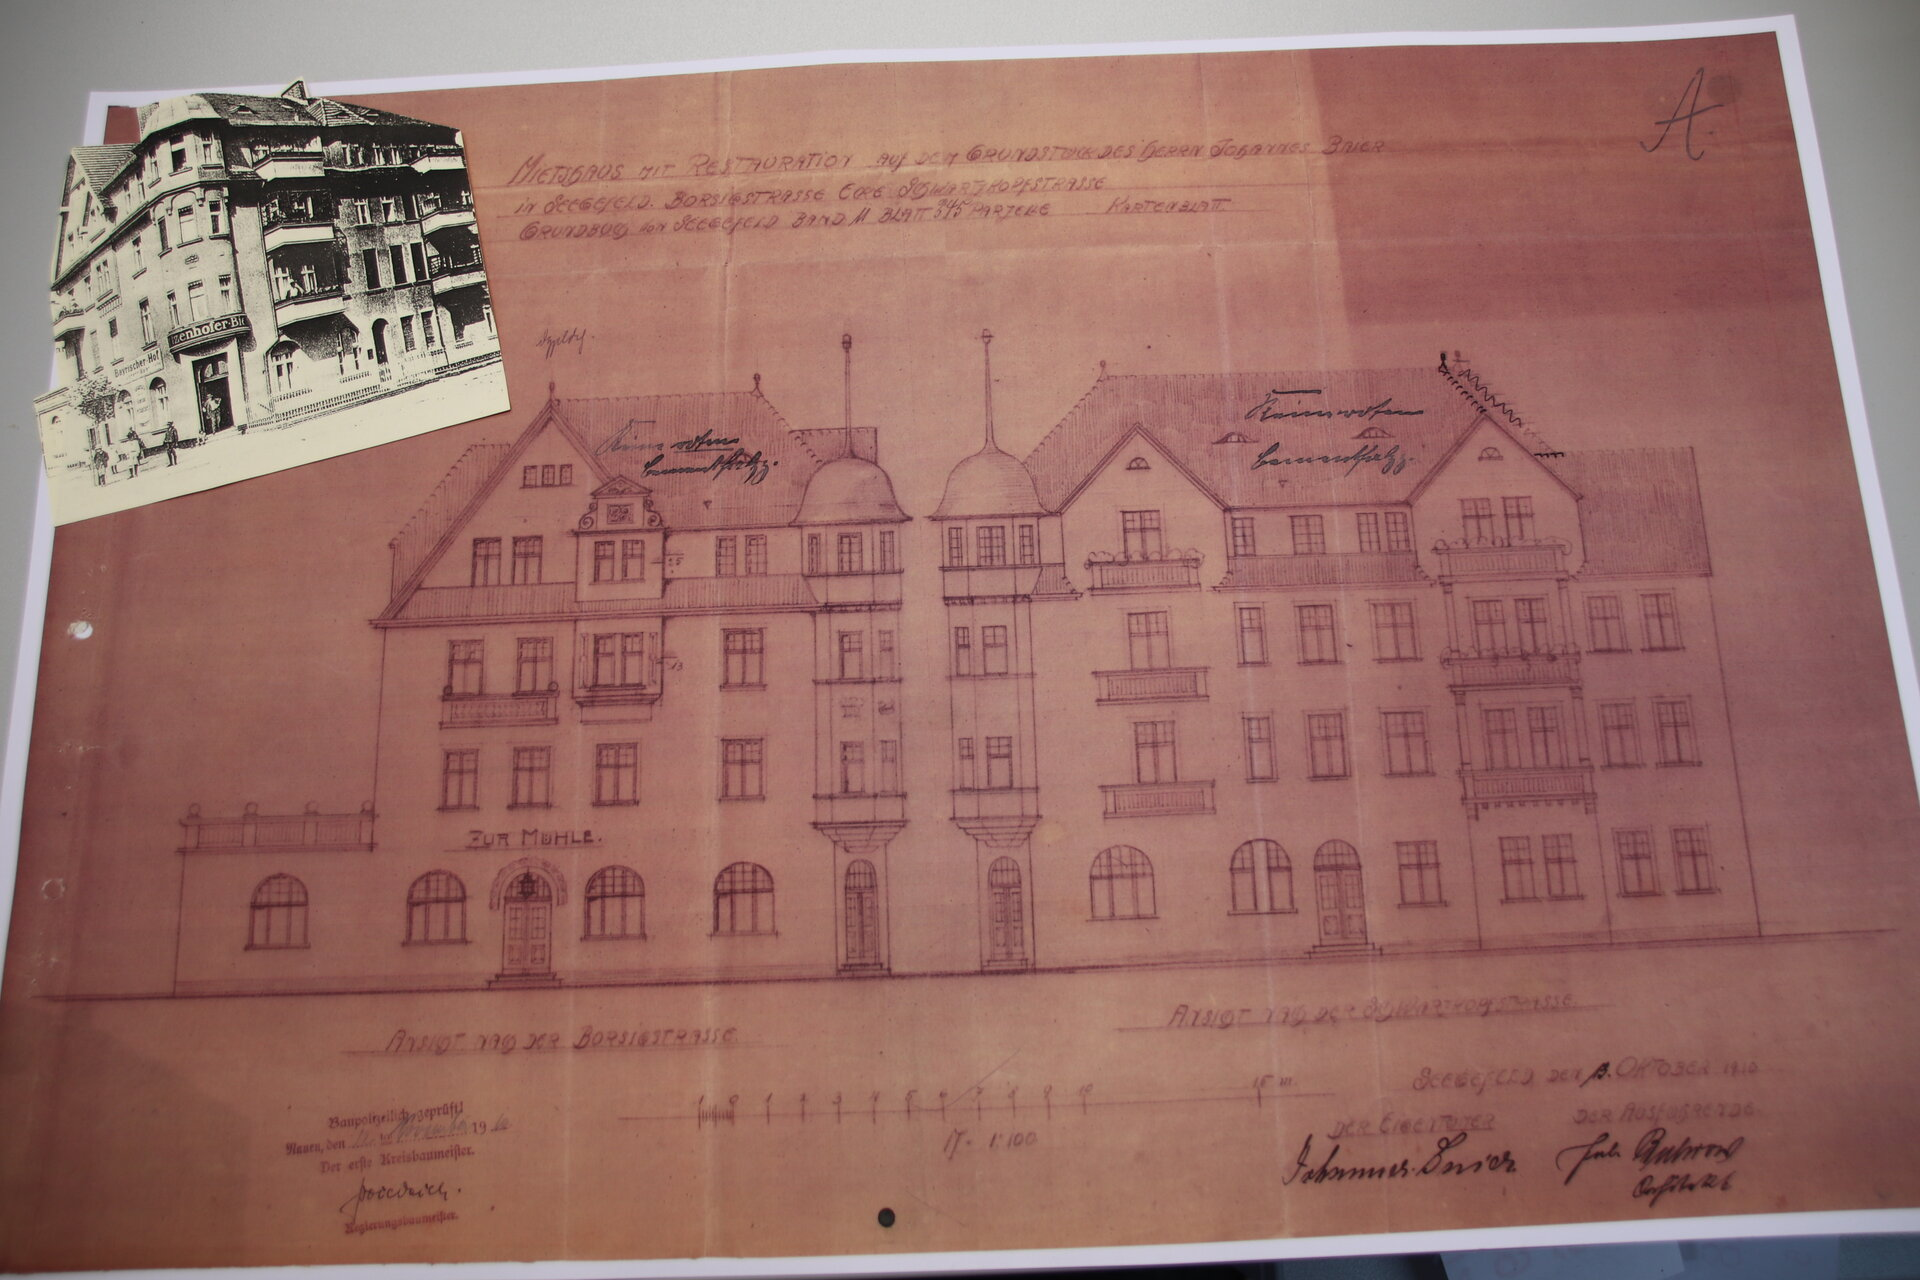 Das Stadtarchiv beherbergt auch Pläne und Ansichten alter Gebäude, hier vom ehemaligen Bayerischen Hof.